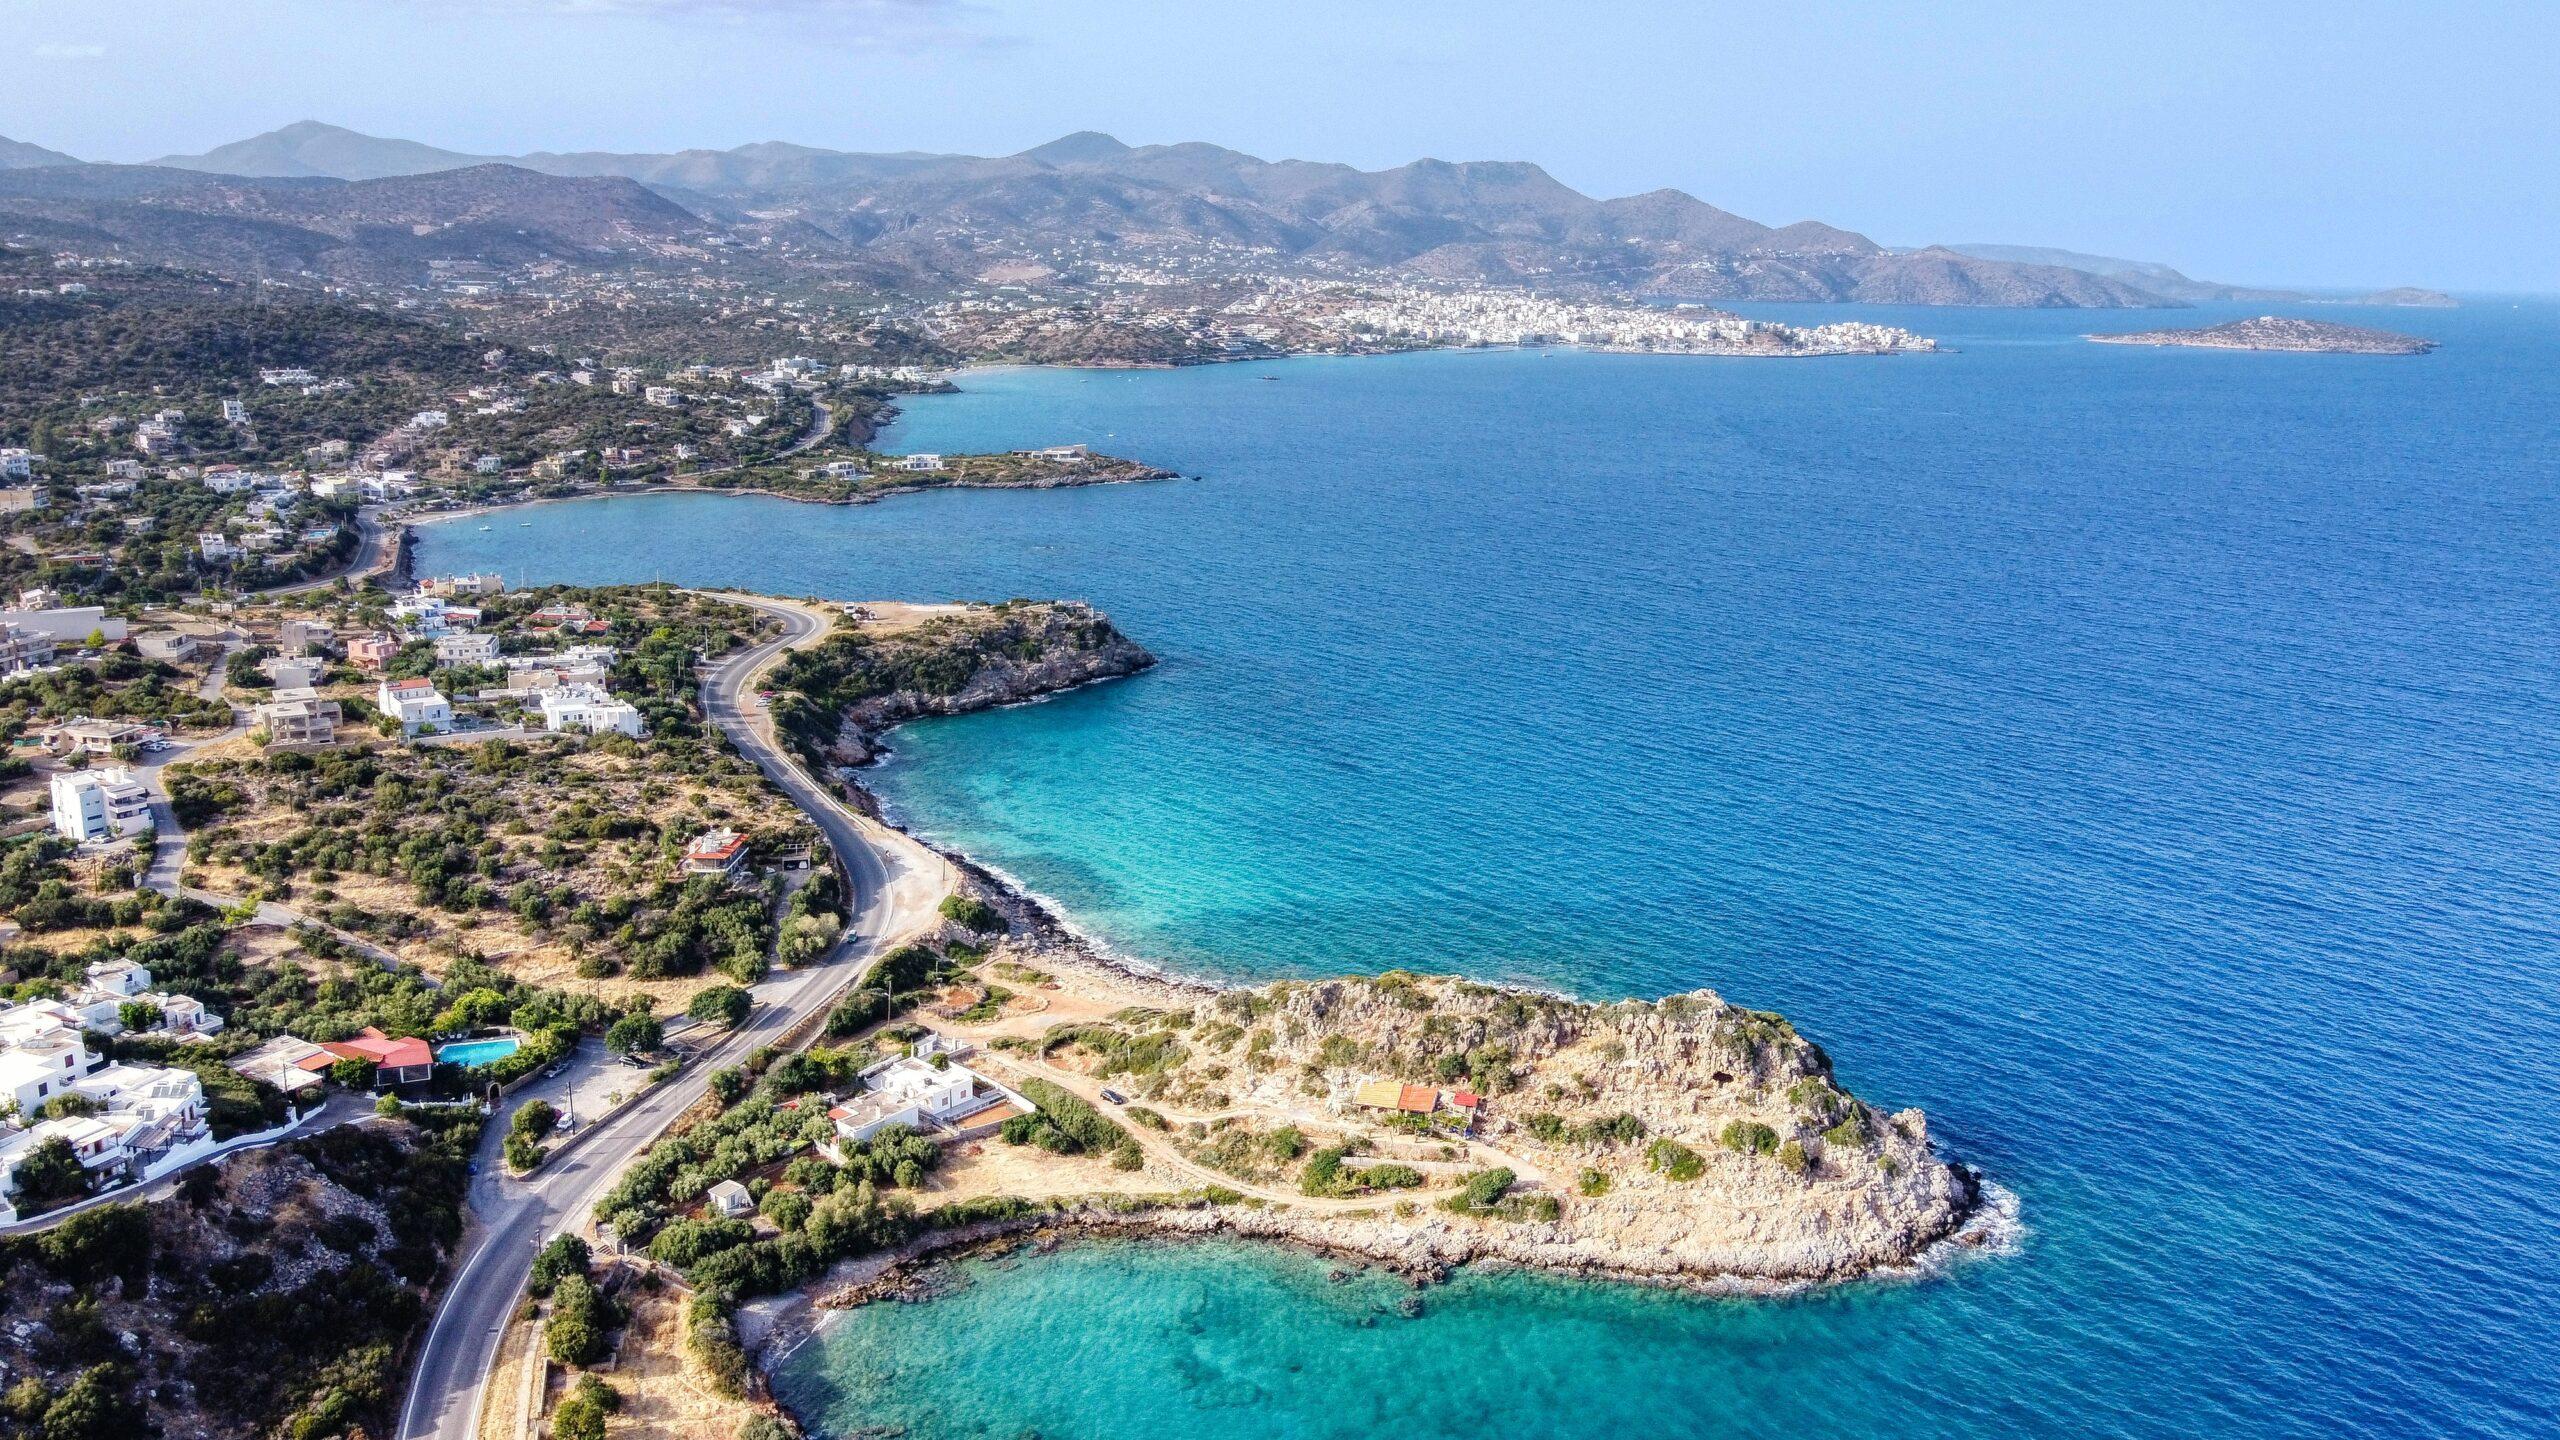 Ο Άγιος Νικόλαος στην Κρήτη, από ψηλά - Πηγή: Unsplash